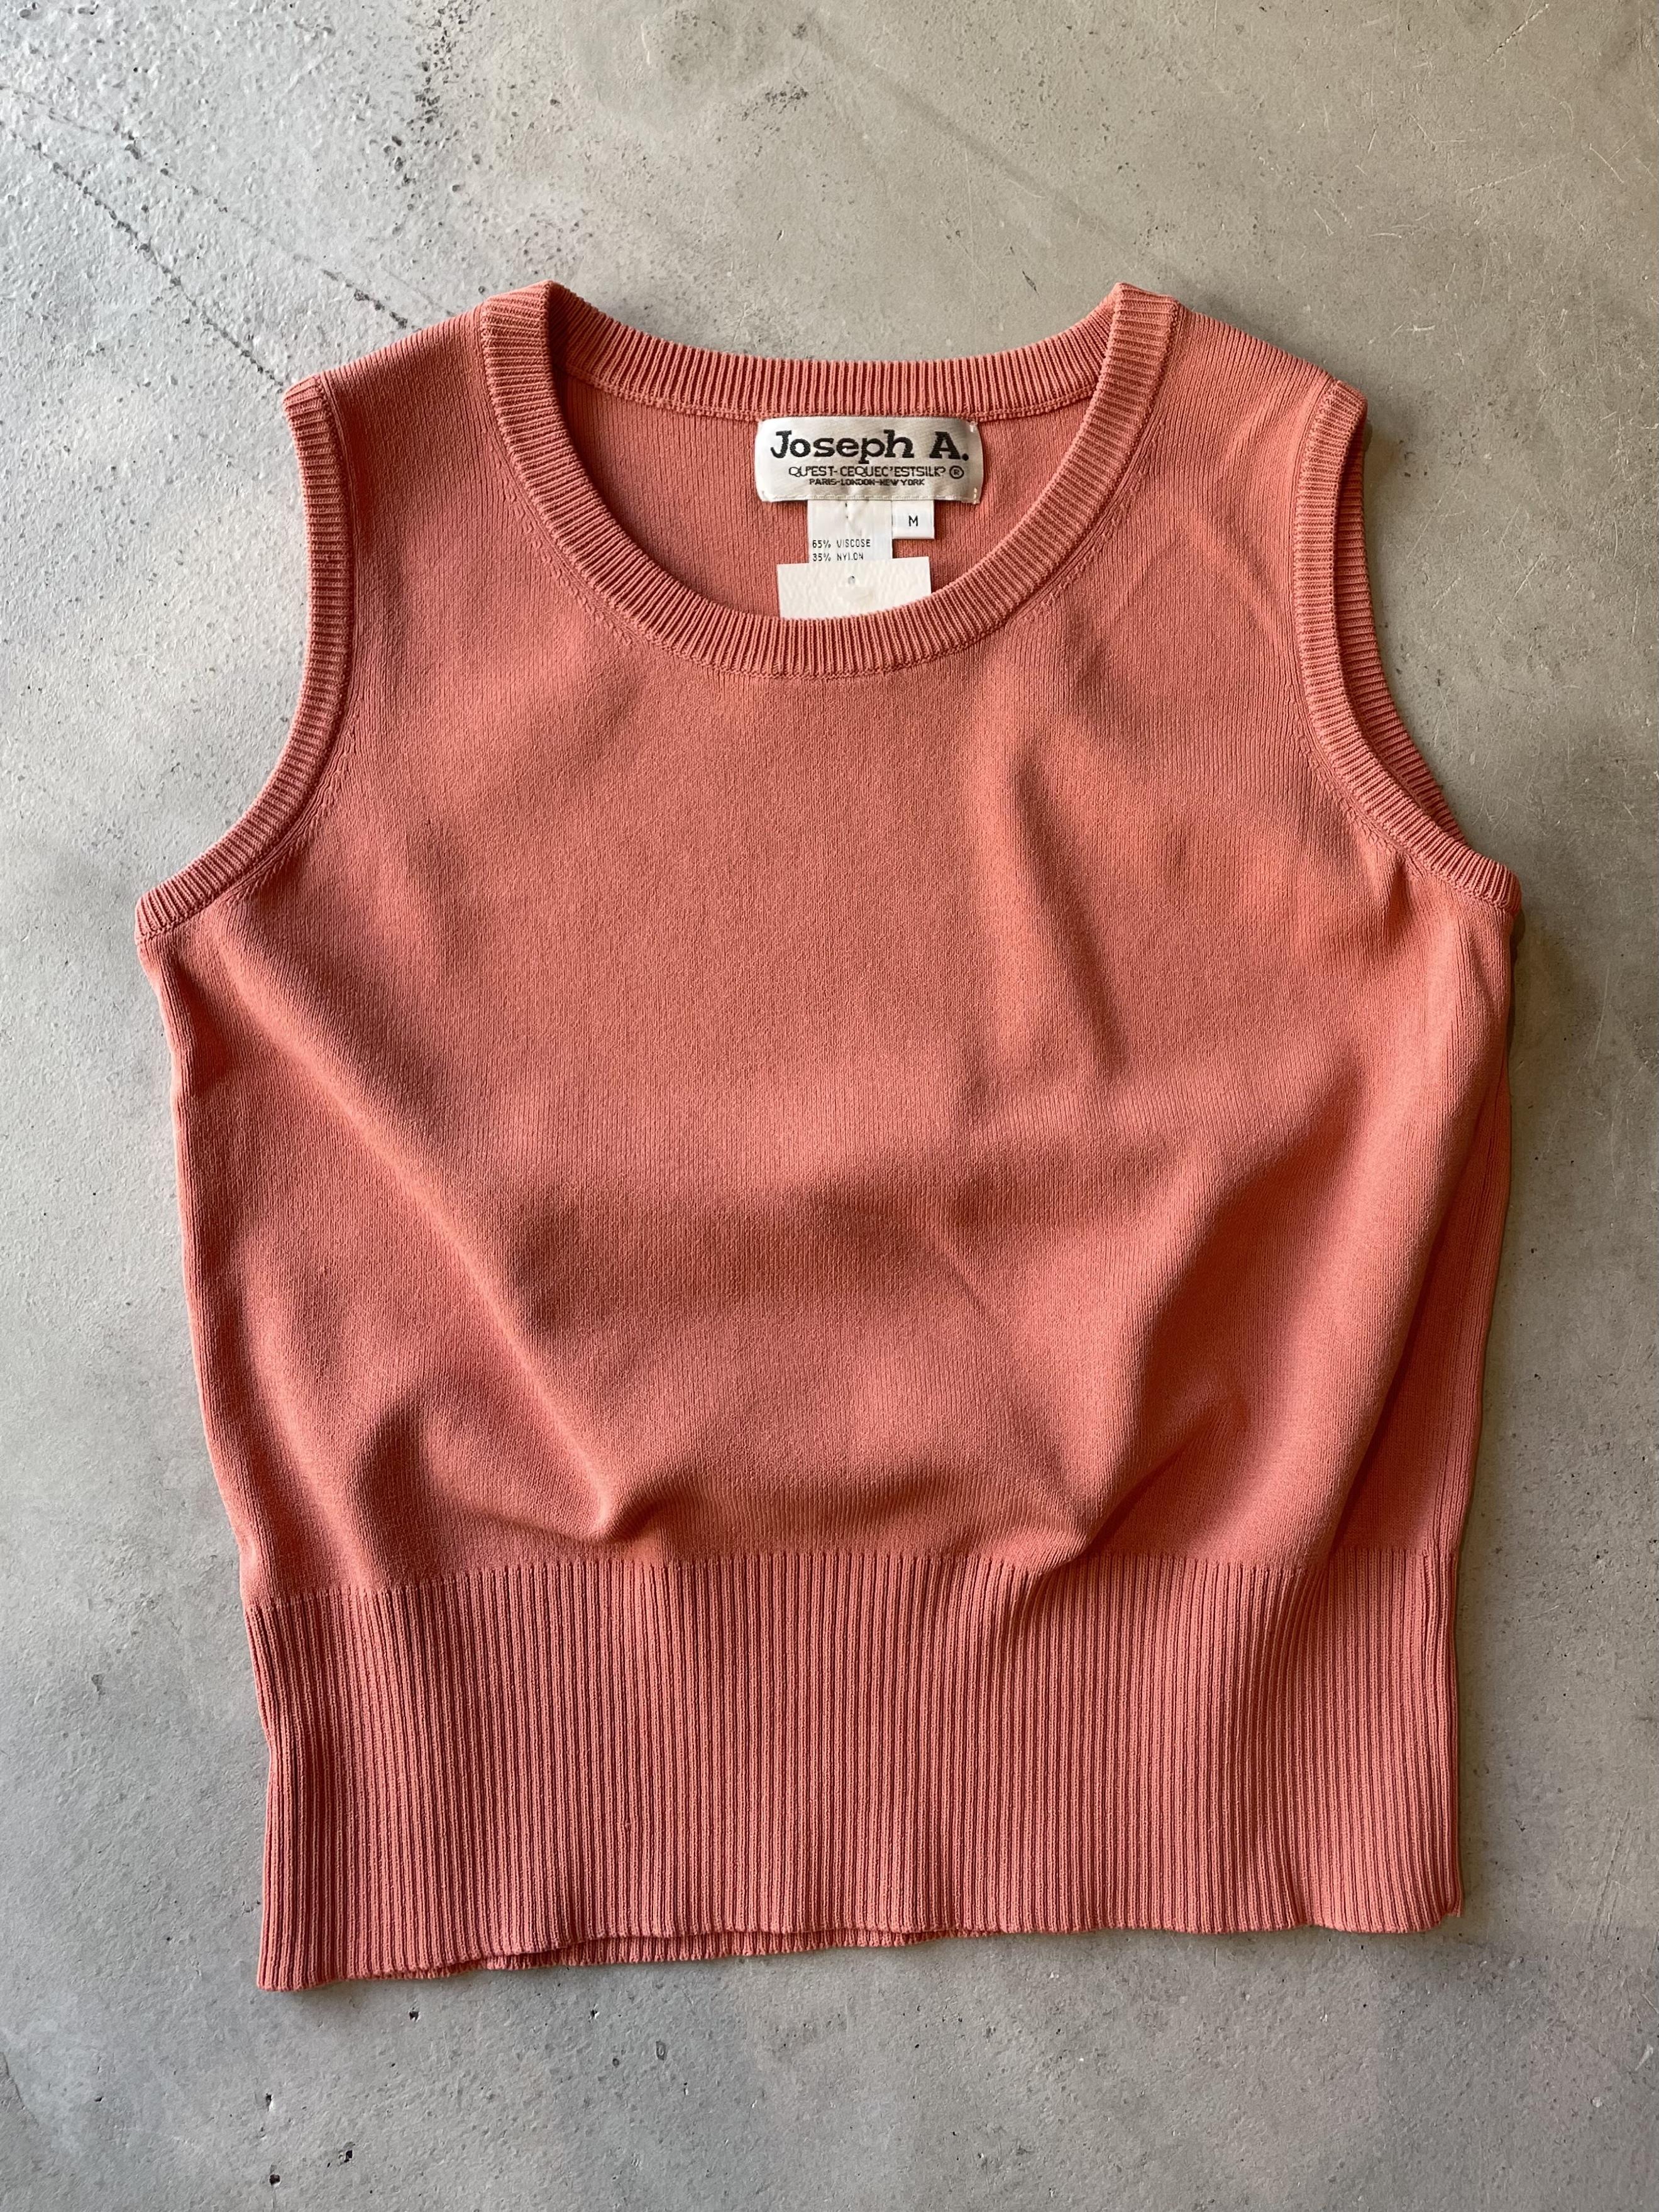 vintage pink knit tops